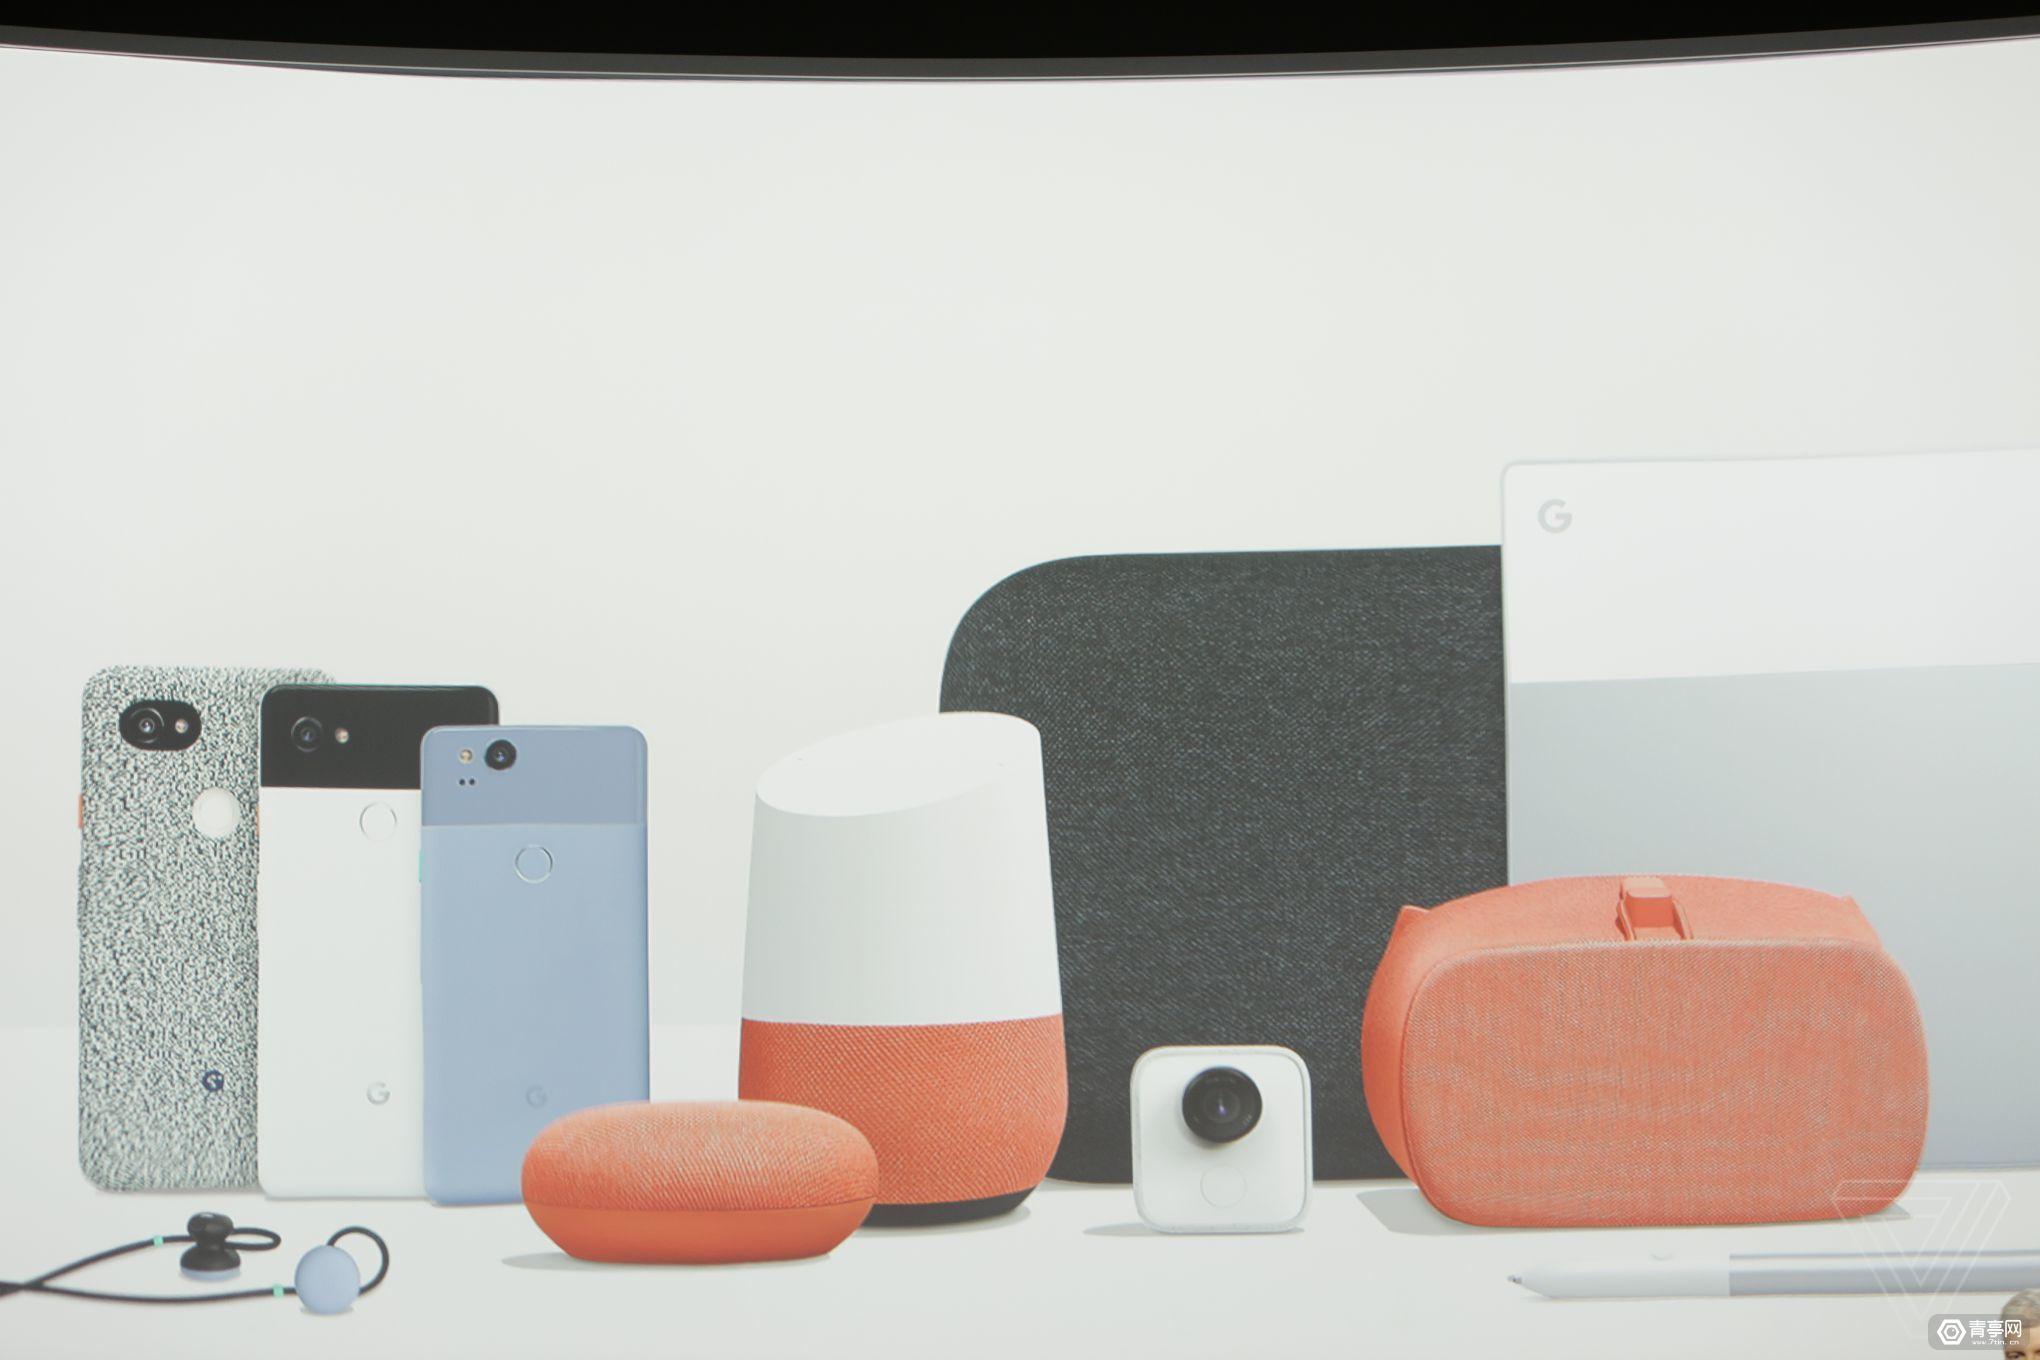 谷歌发布会十大新品:AR版英雄联盟,手机,音箱,笔记本,相机,VR头盔…